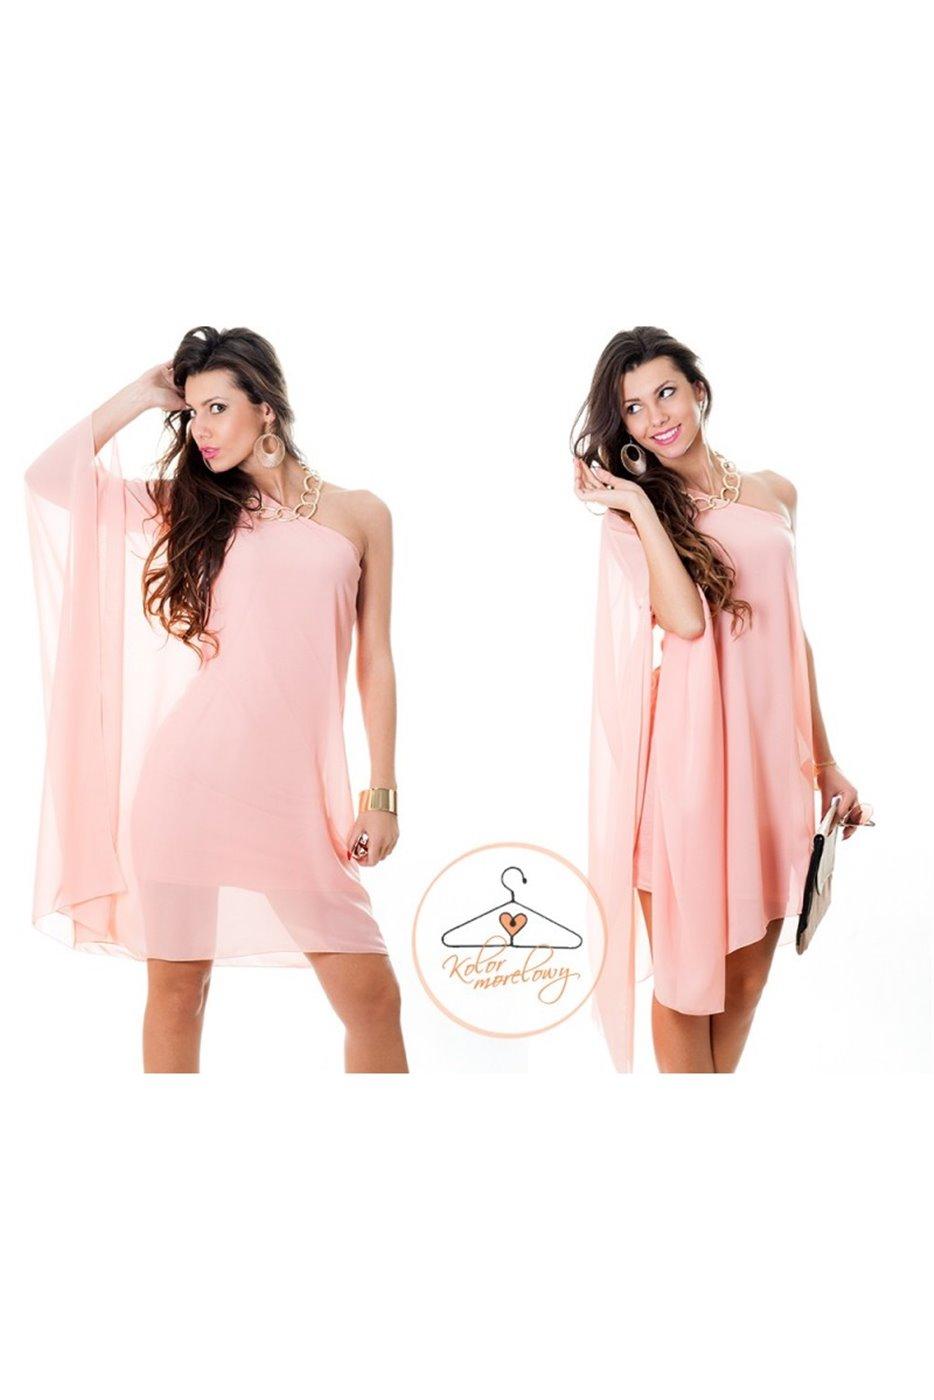 Сбор заказов. Распродажа супер модной женской одежды польских производителей. Скидки до 70 %. Огромный выбор одежды: жакеты, платья, вязаные кардиганы, блузки, леггинсы и другое. Распродажа от Latynka - блузки по 450 руб. Выкуп 7.